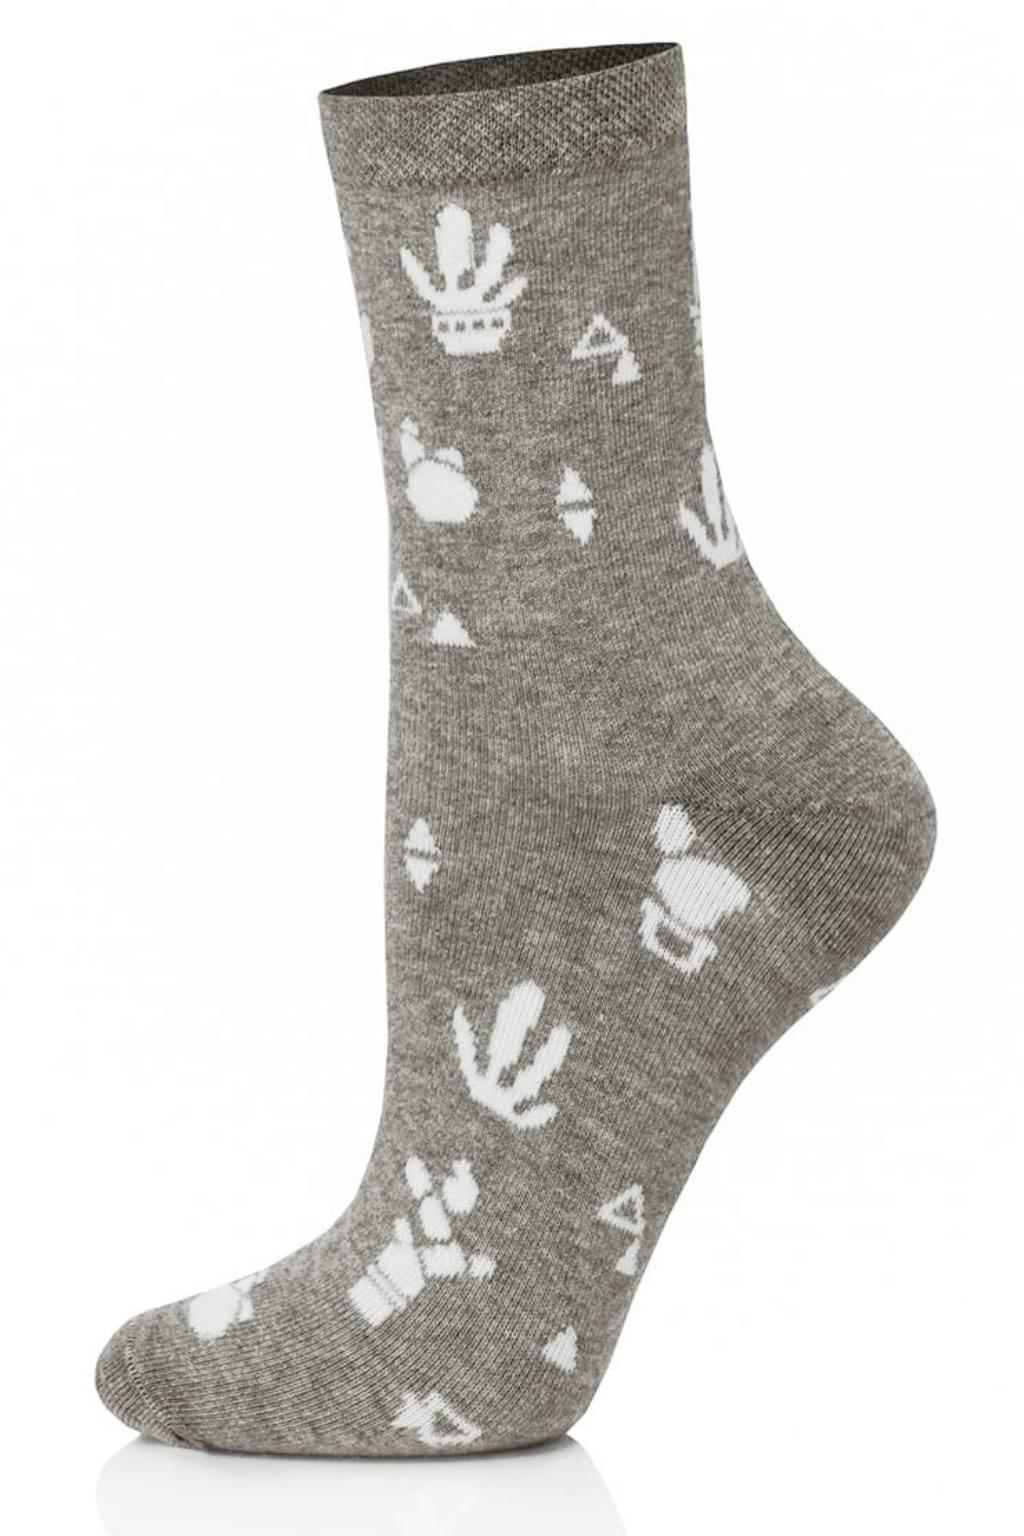 Veselé dámské ponožky Gee One S 108 D Cacti